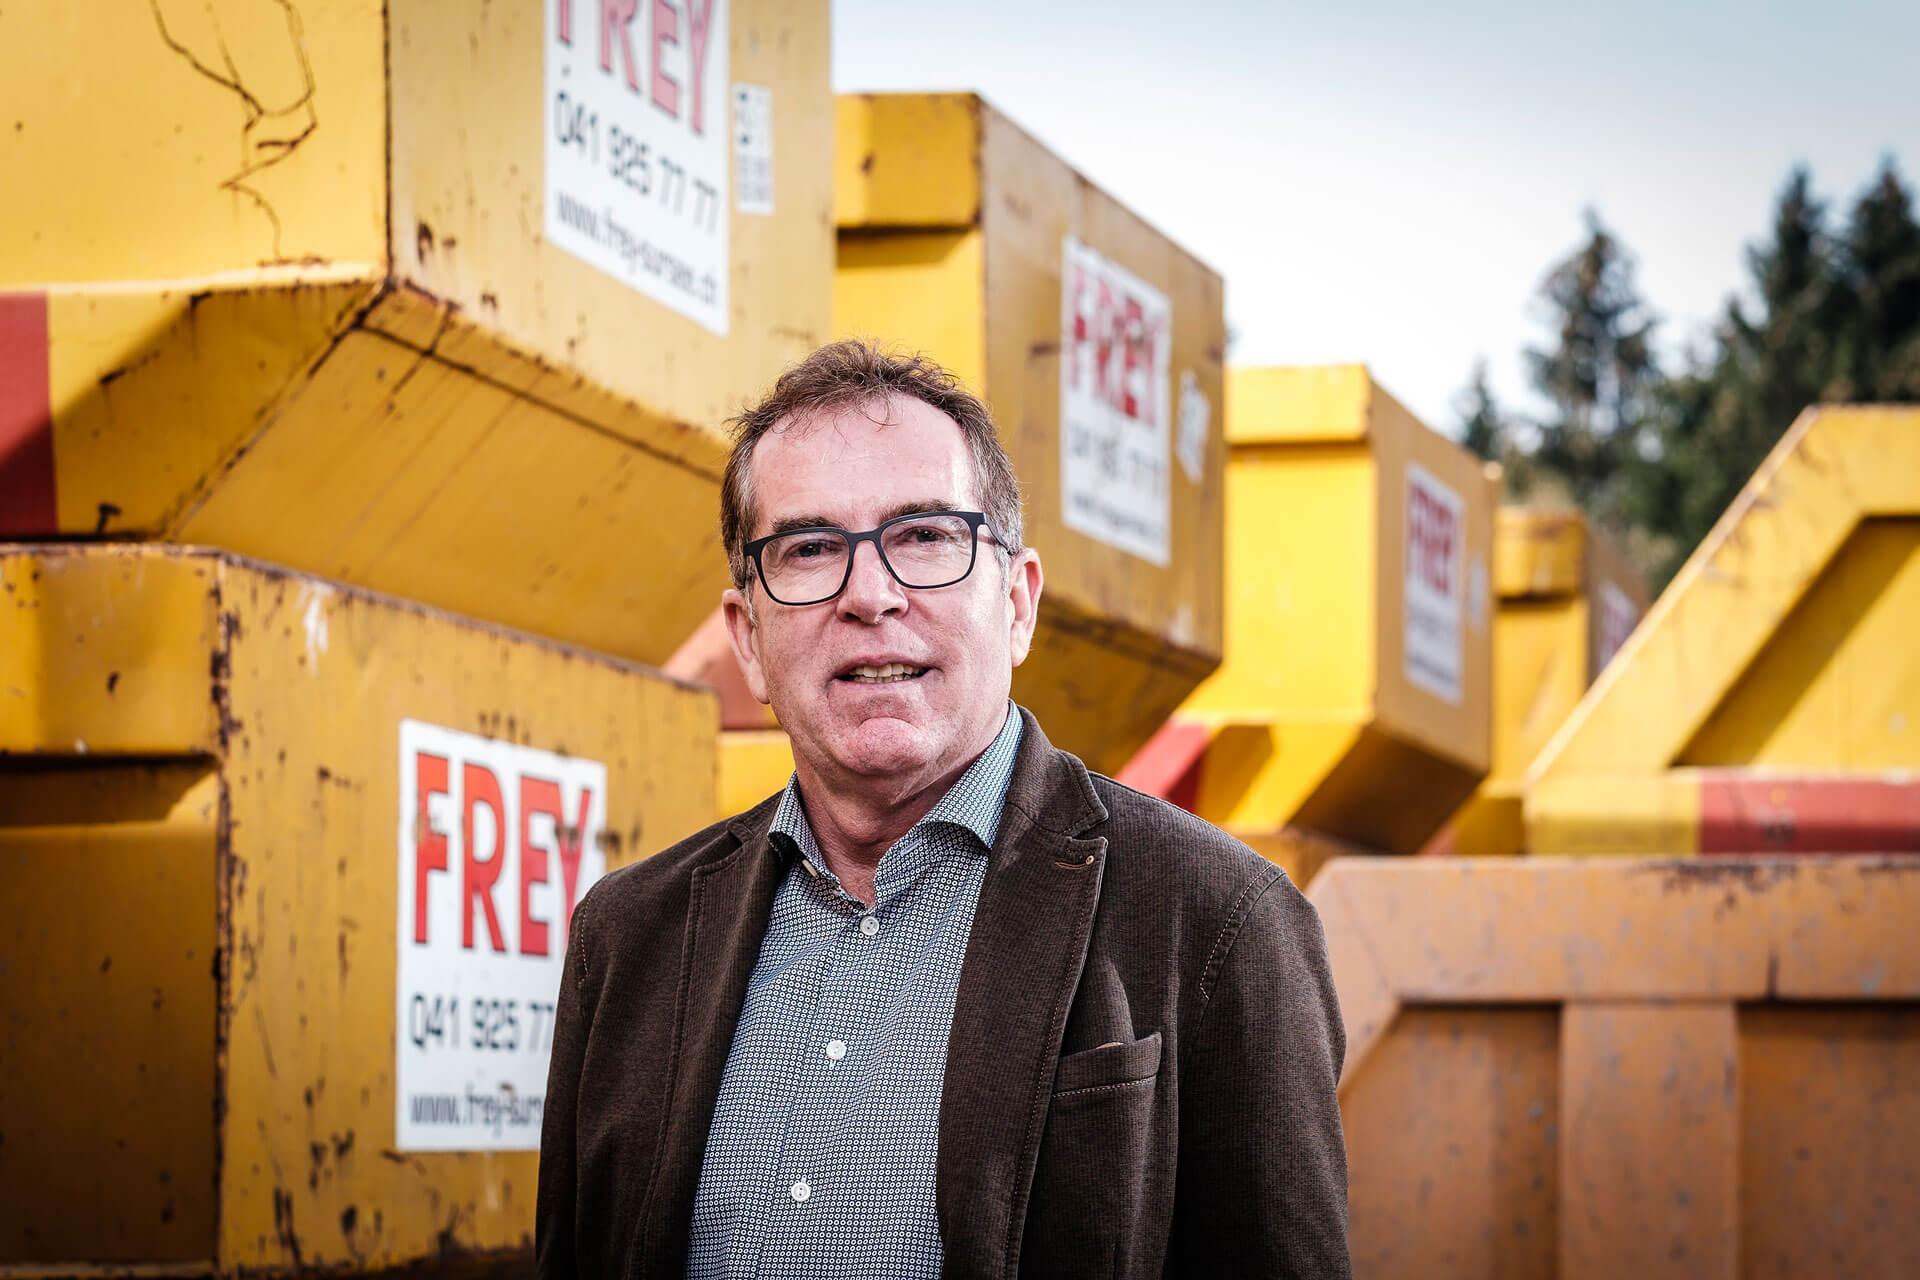 Geschäftsführer Bruno Frey steht vor gelben FREY Mulden vo UT.